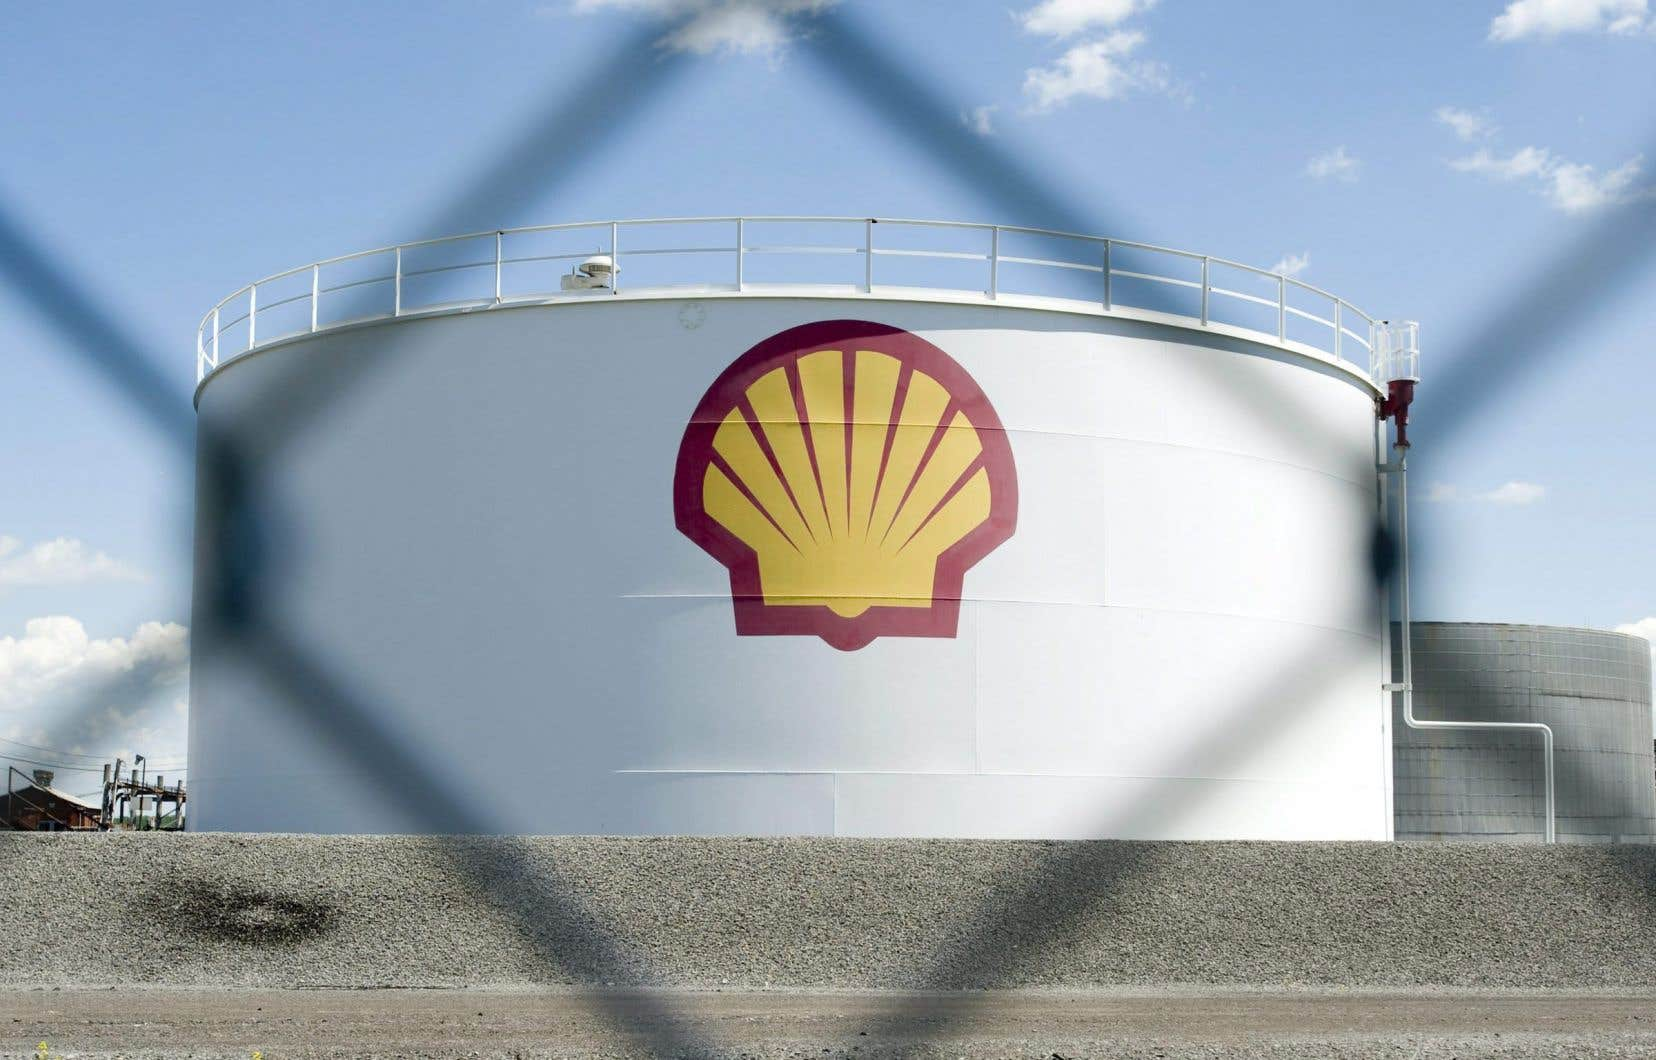 Shell Canada souhaite discuter de ses projets dans les biocarburants avec Hydro-Québec, Investissement Québec et le ministère de l'Économie et de l'Innovation.